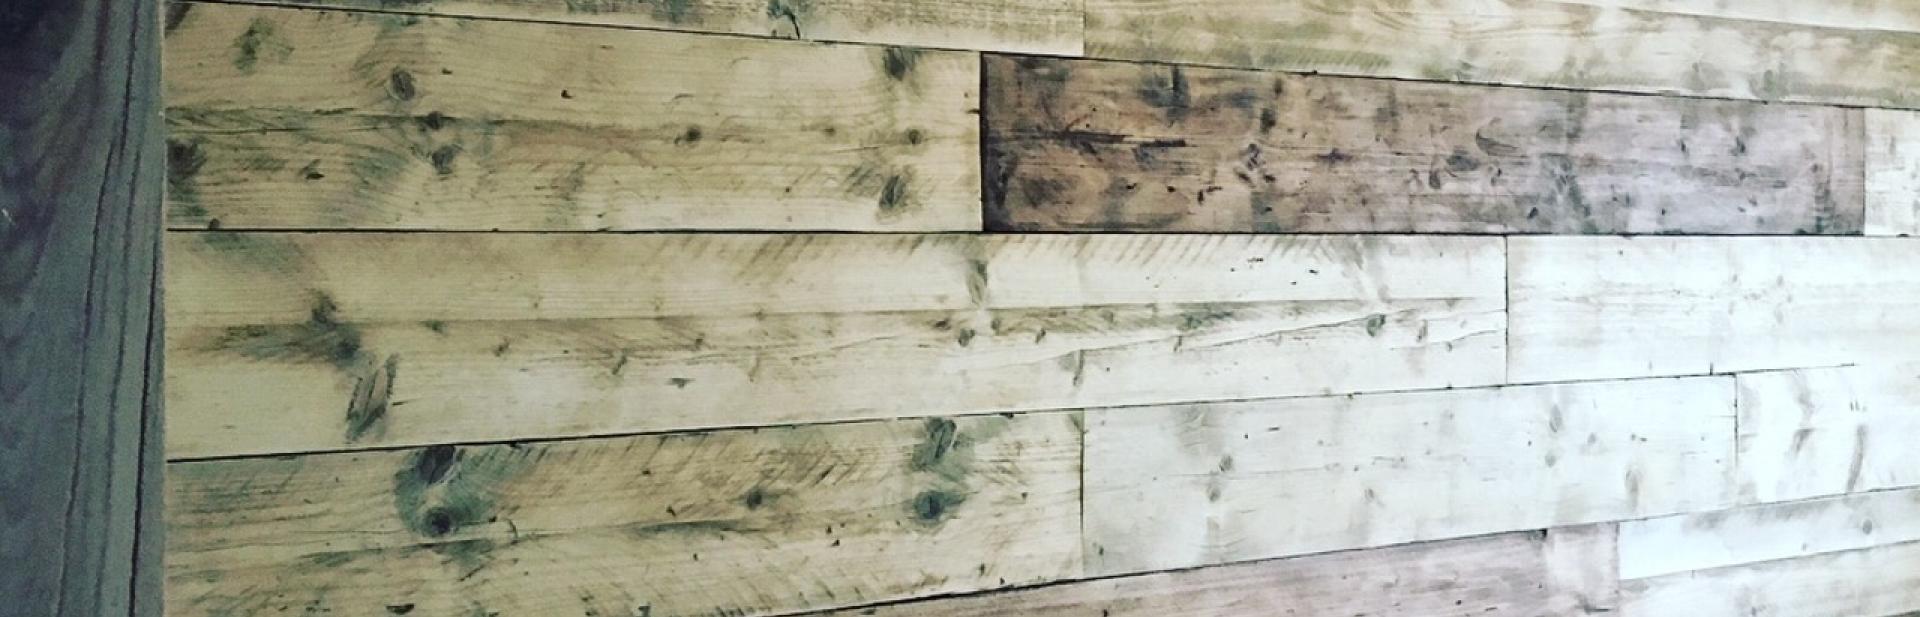 barnboard wall.JPG